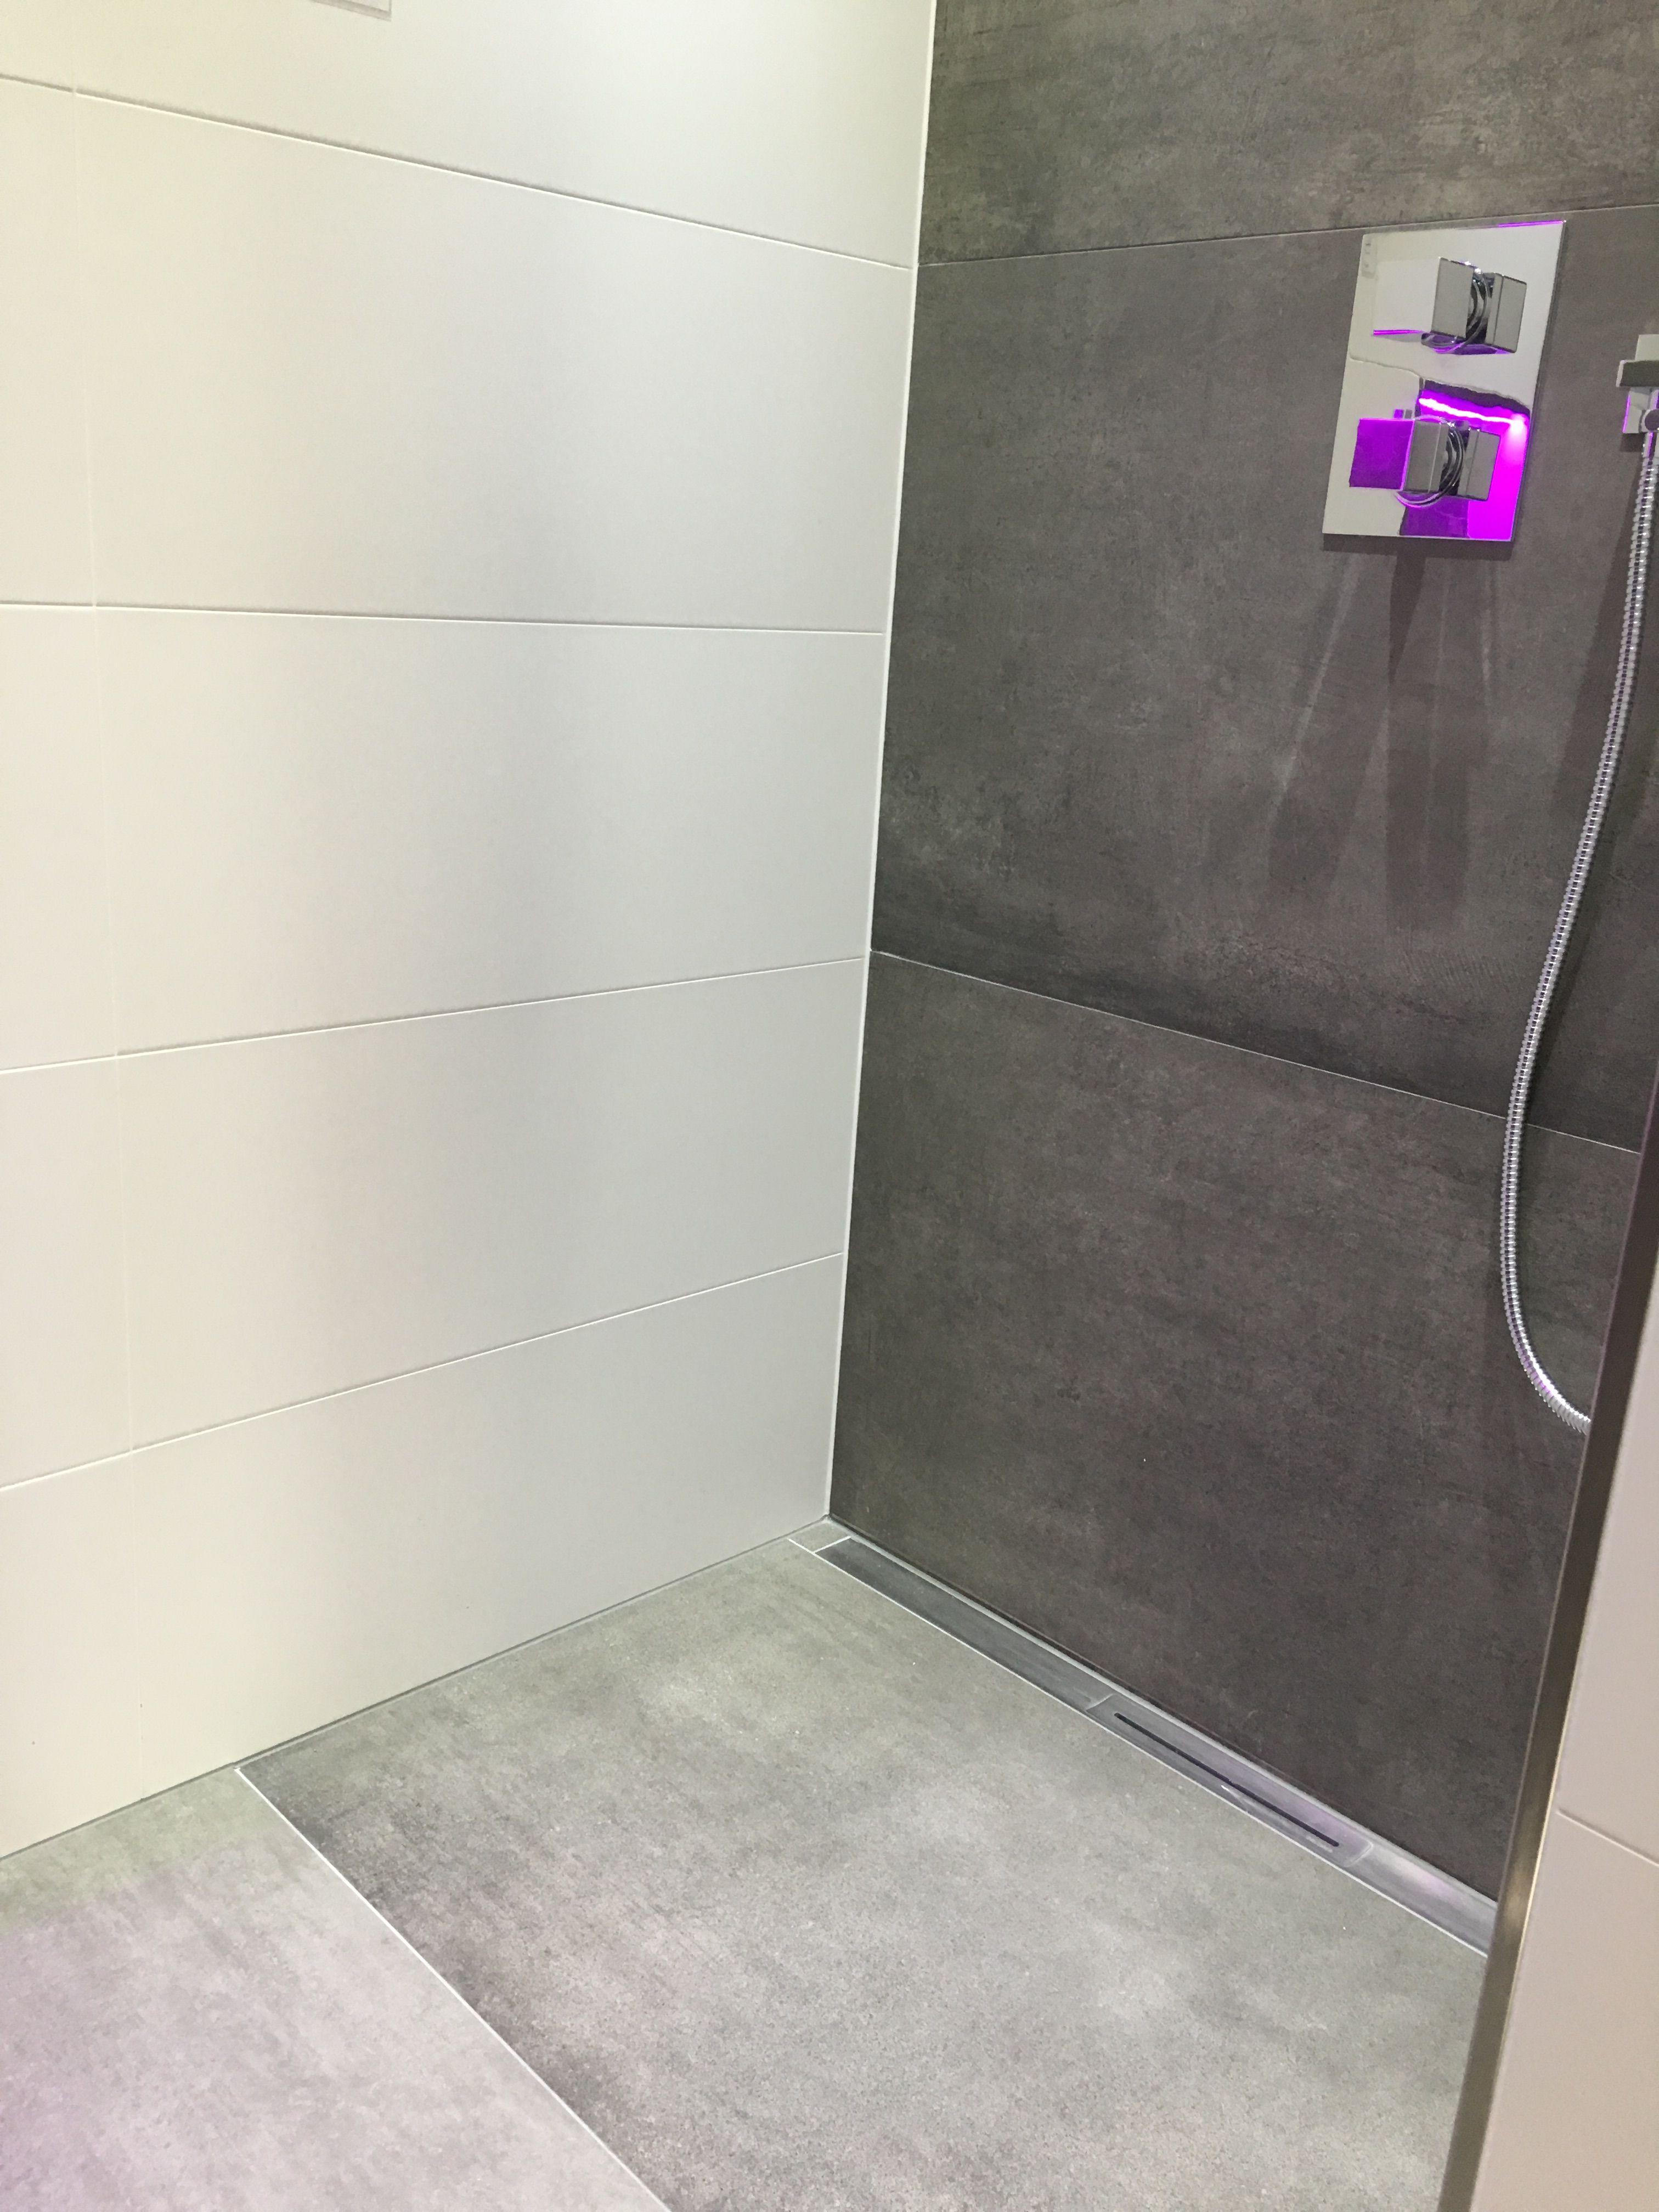 Pin Von Johannes Mergener Auf Badgestaltung In 2020 Beton Badezimmer Badezimmerideen Badezimmer Fliesen Grau